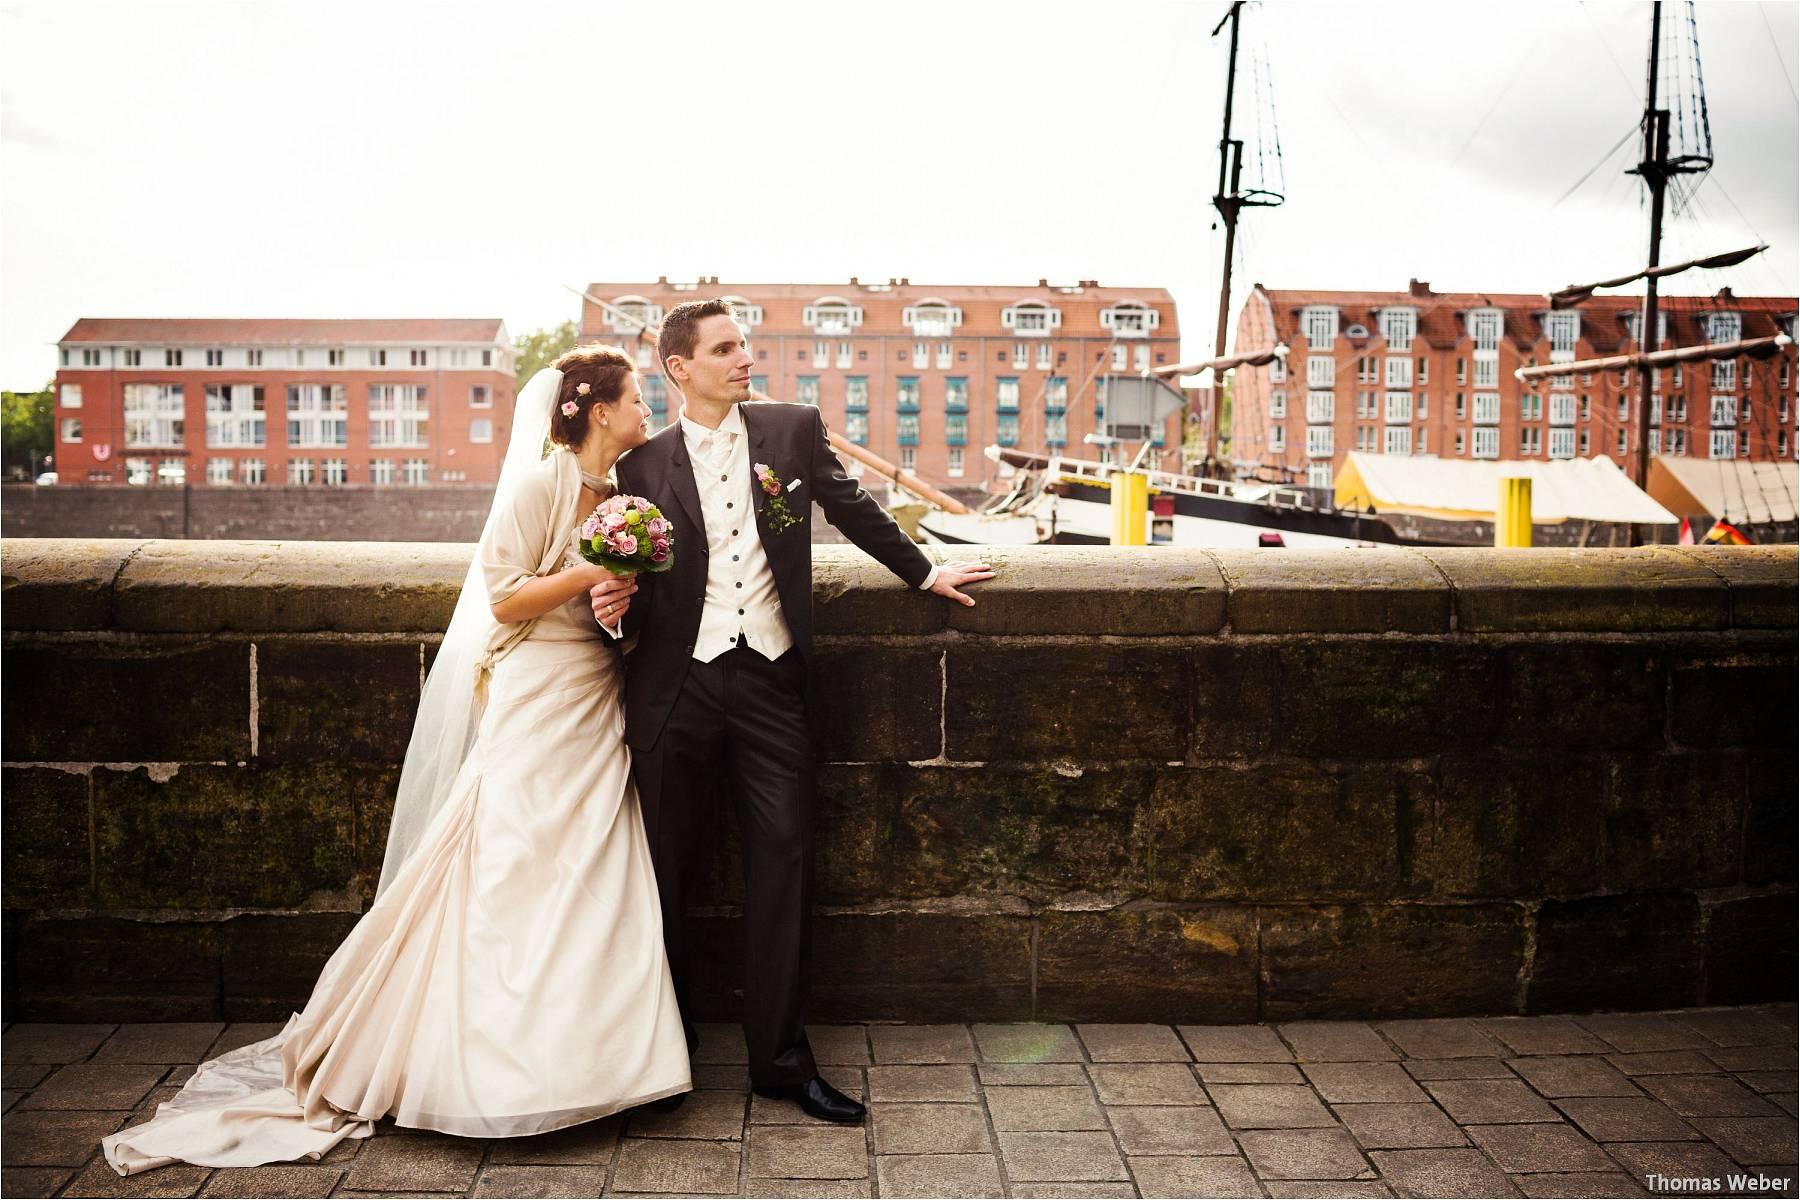 Hochzeitsfotograf Bremen: Kirchliche Trauung in der Propsteikirche St. Johann im Bremer Schnoor und Hochzeitsfeier bei Rogge Dünsen (24)